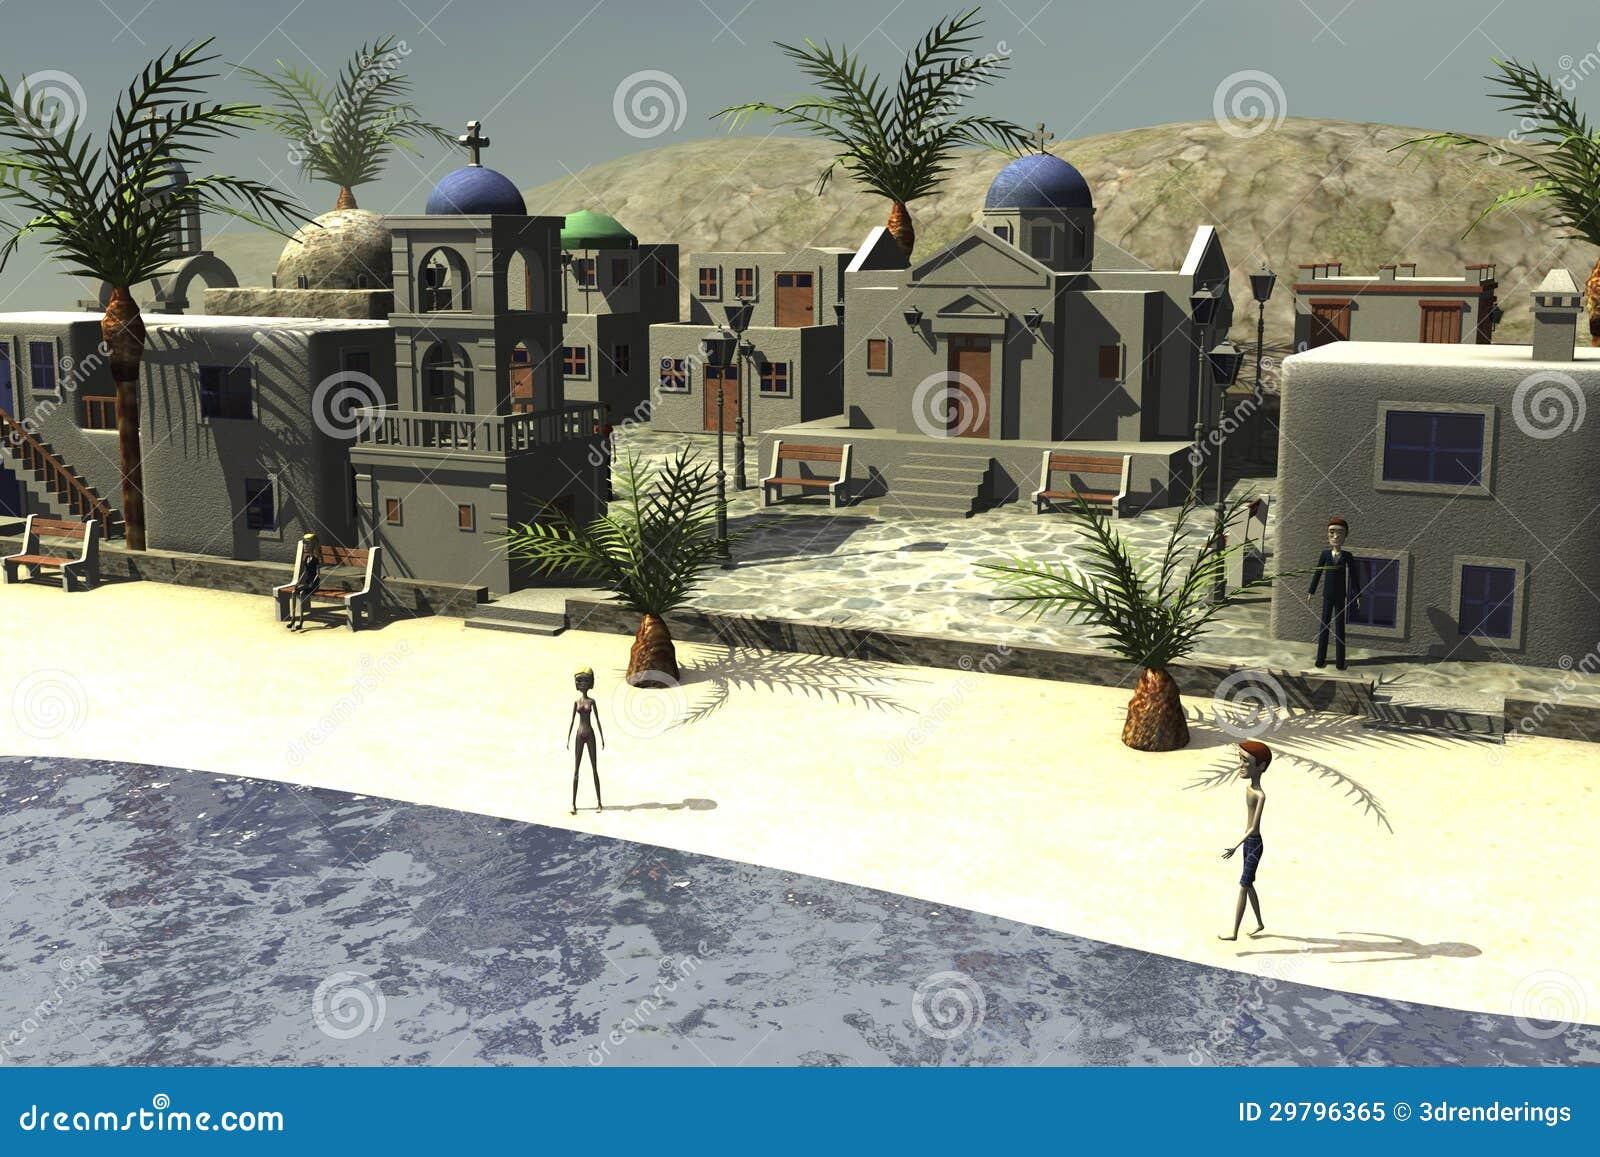 Personaggi dei cartoni animati in villaggio greco dal mare - Cartoni animati mare immagini ...